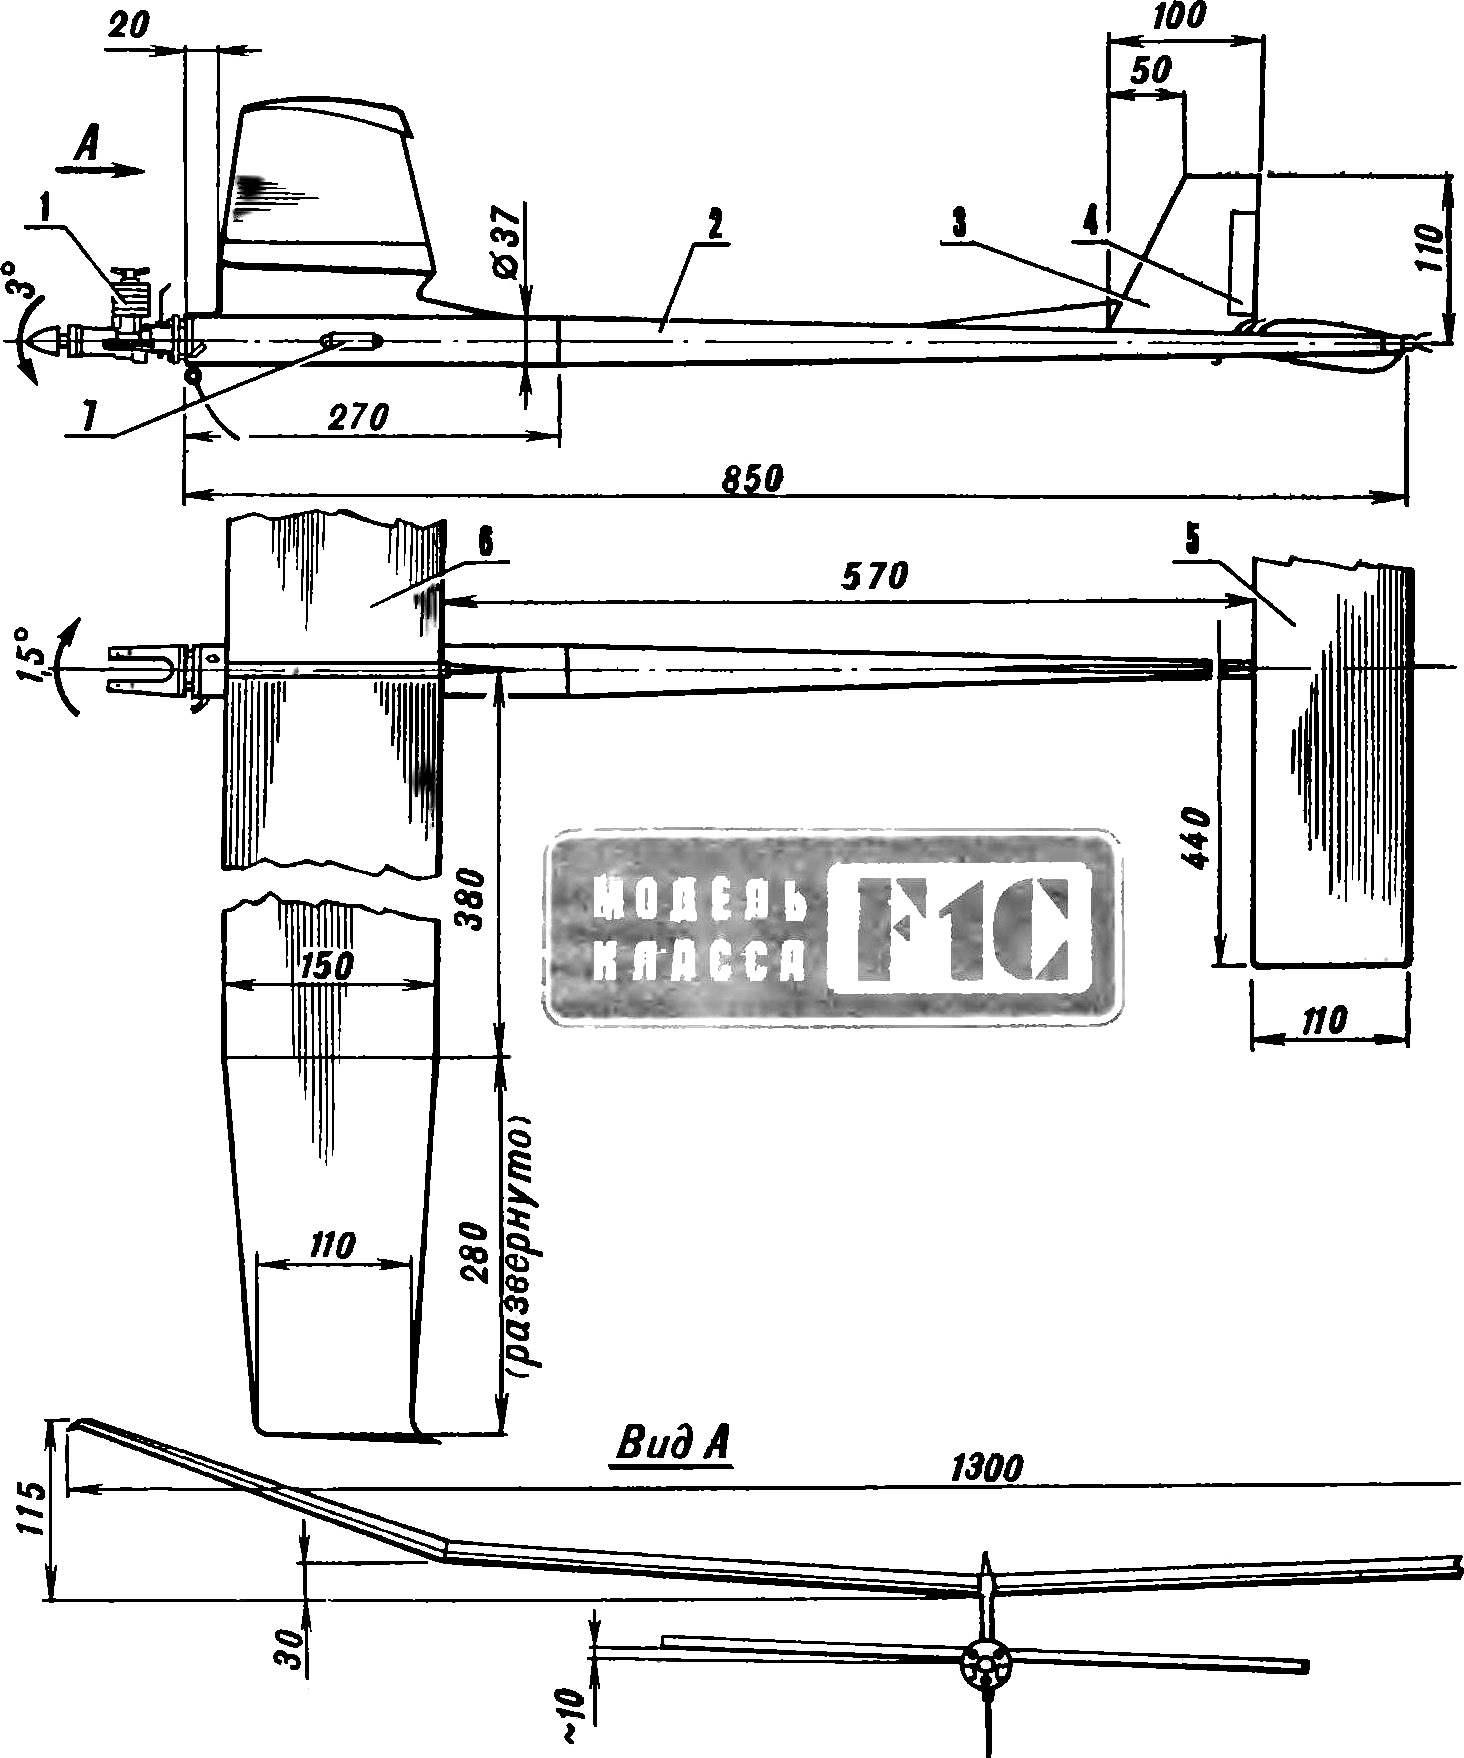 Svobodnaya timer model airplane engine cylinder capacity of 1.5 cm3.